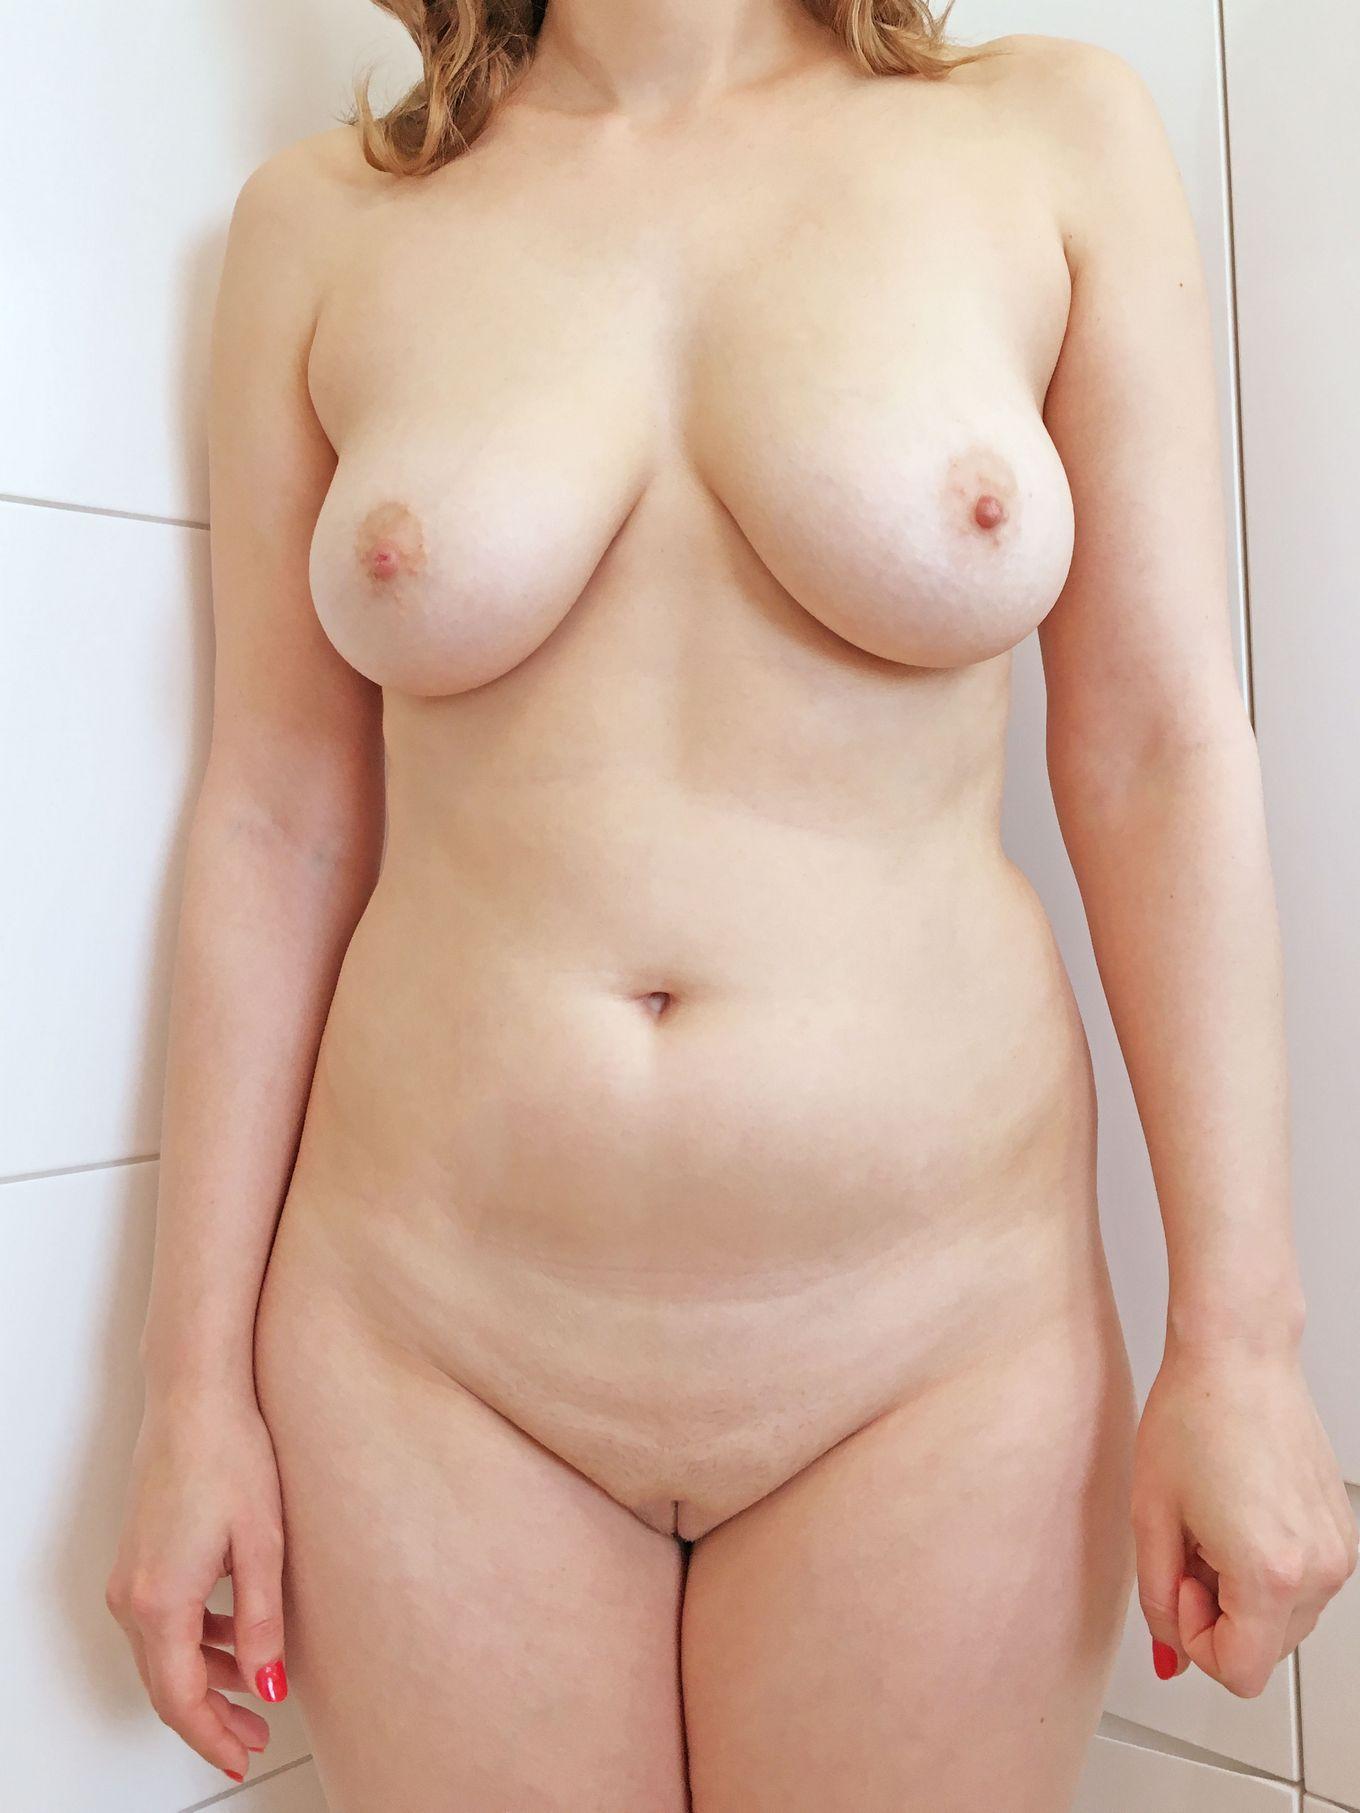 Компиляция голых сисек молодых девушек в домашних условиях